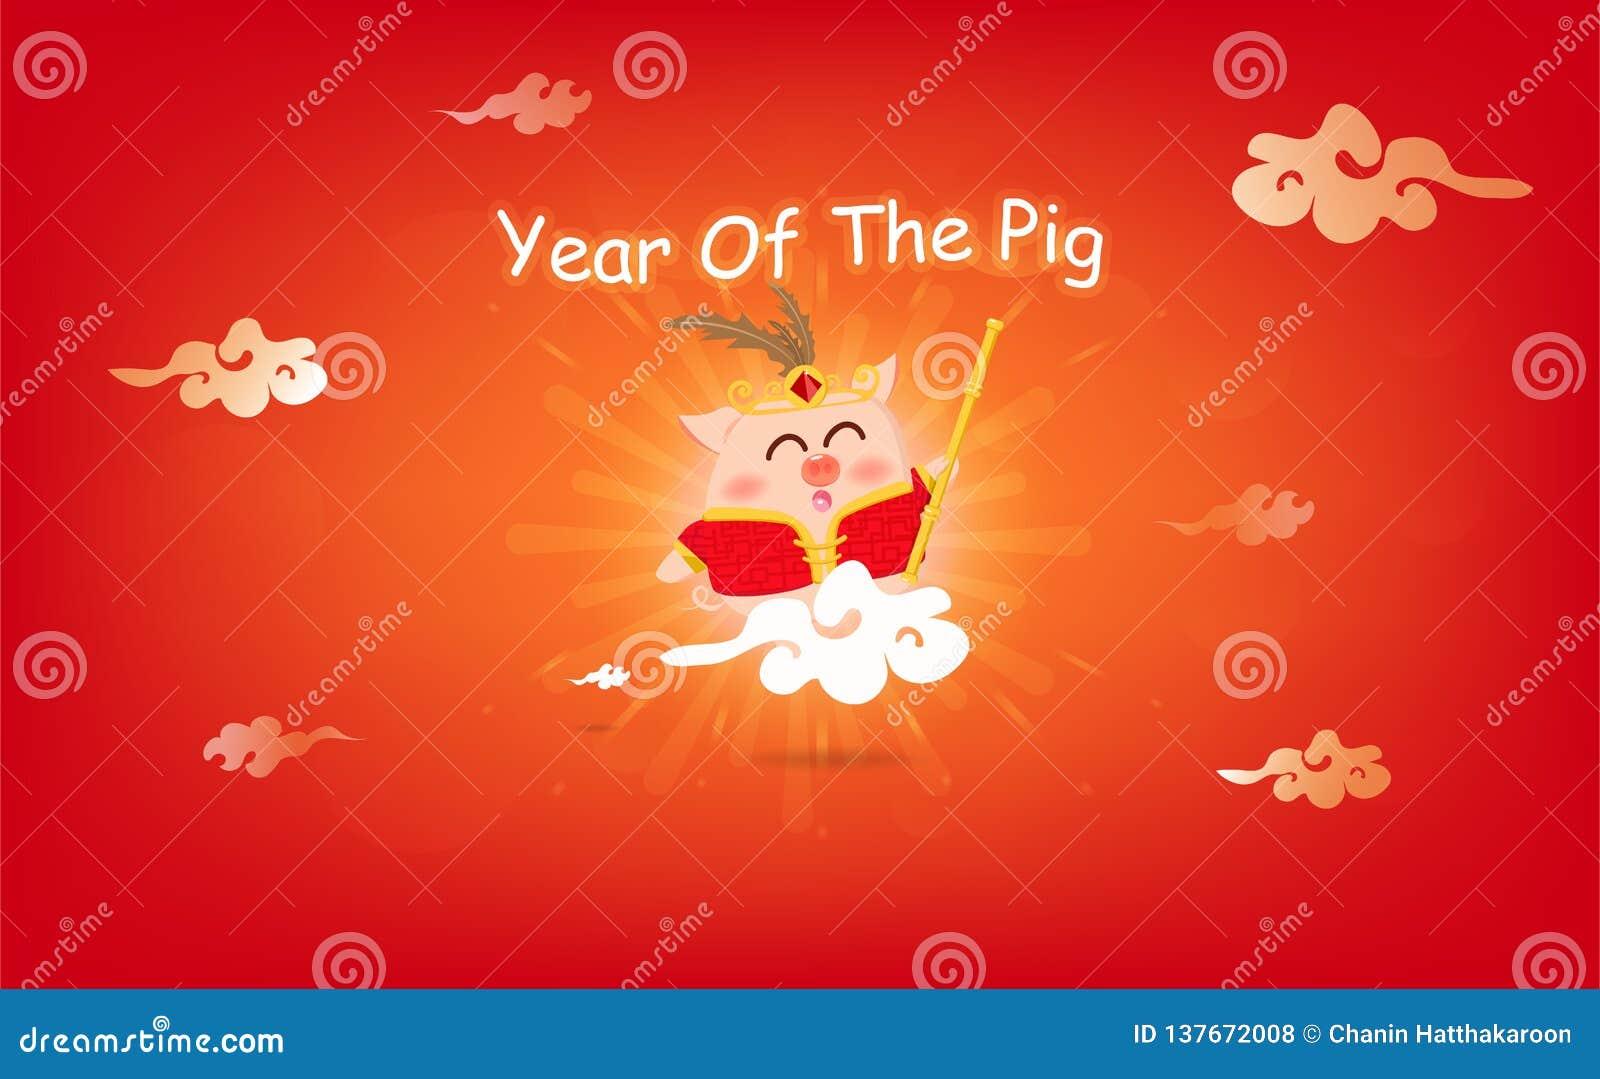 Год свиньи, небо катания свиньи, Солнце поднимая, китайский Новый Год, 2019, предпосылка конспекта фестиваля торжества персонажей